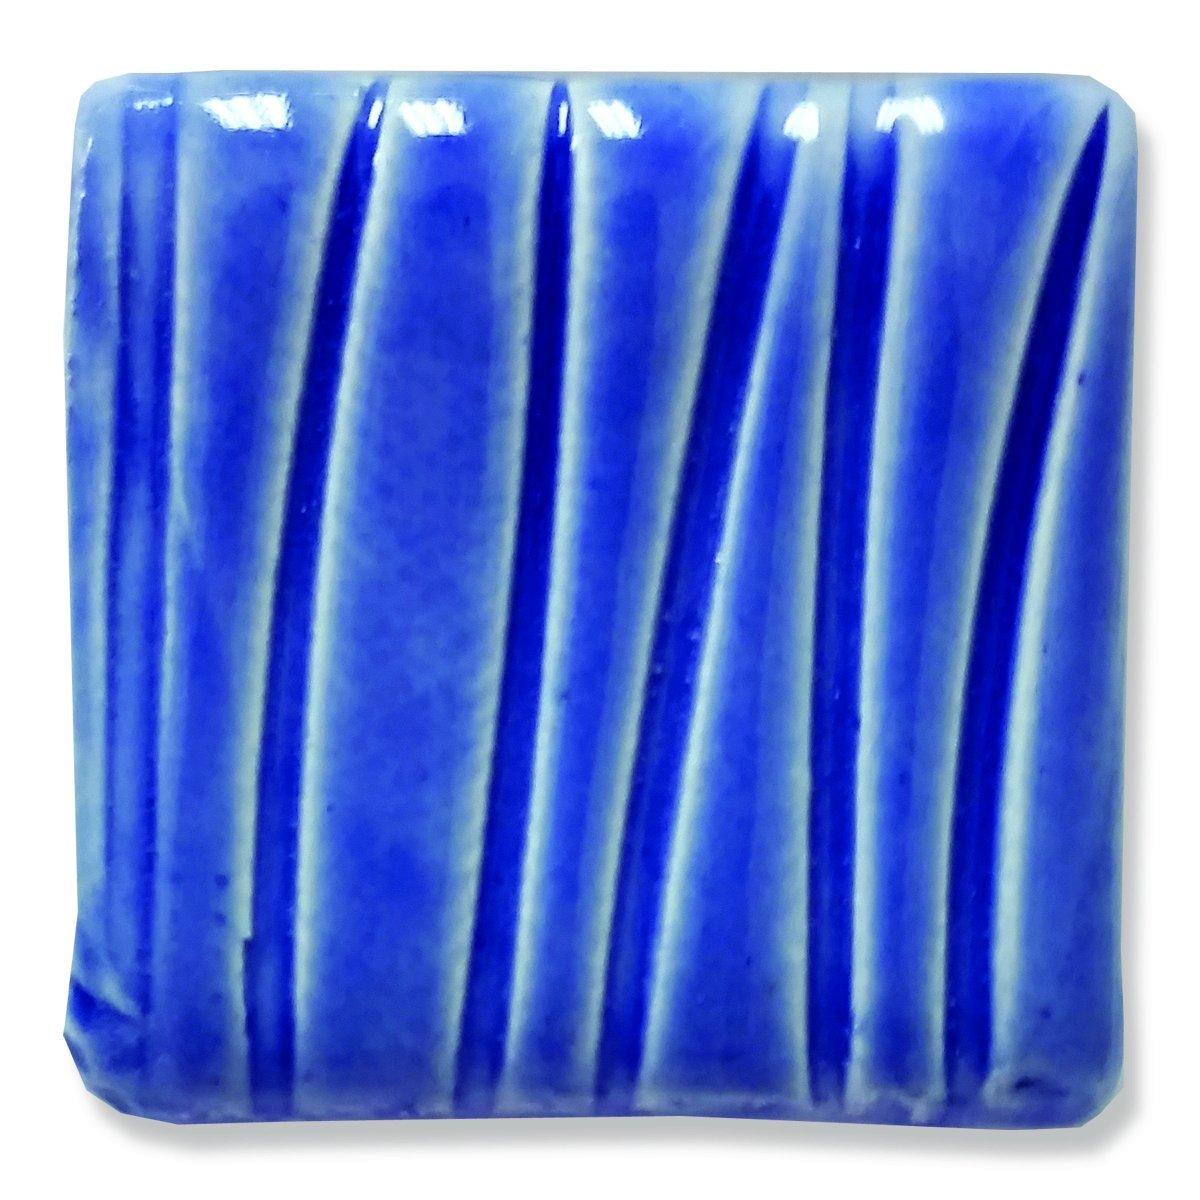 Speedball Art 16 oz. (pint) Earthenware Glaze--Medium Blue